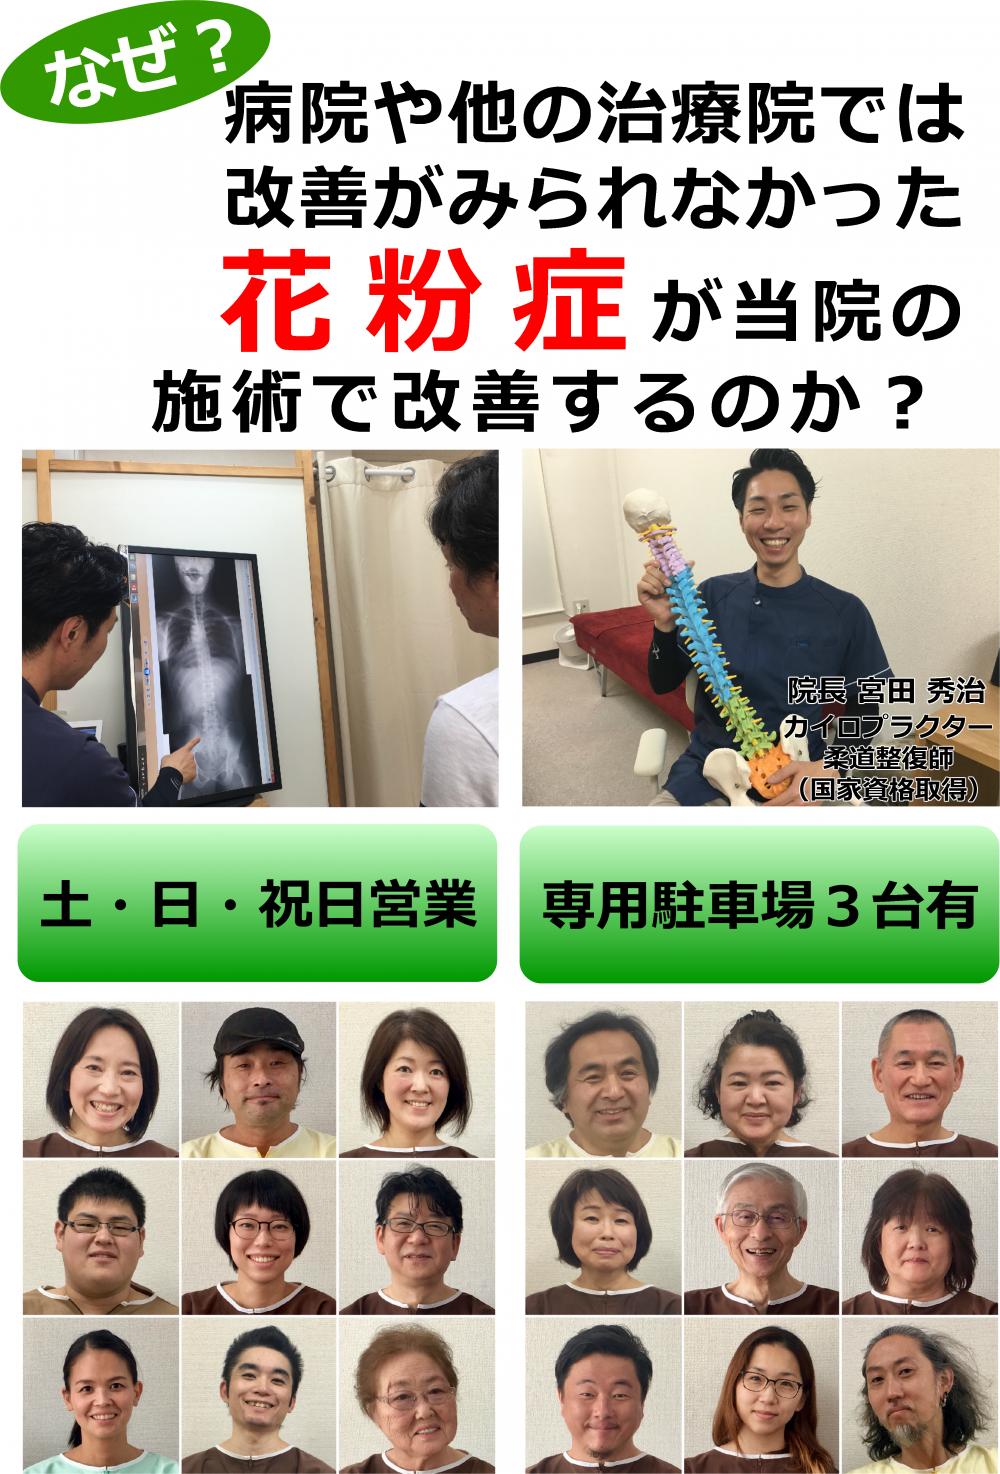 あなたの「花粉症」を根本改善しませんか?千葉県柏市のカイロプラクティック整体院「宮田カイロプラクティック」にお任せ下さい!